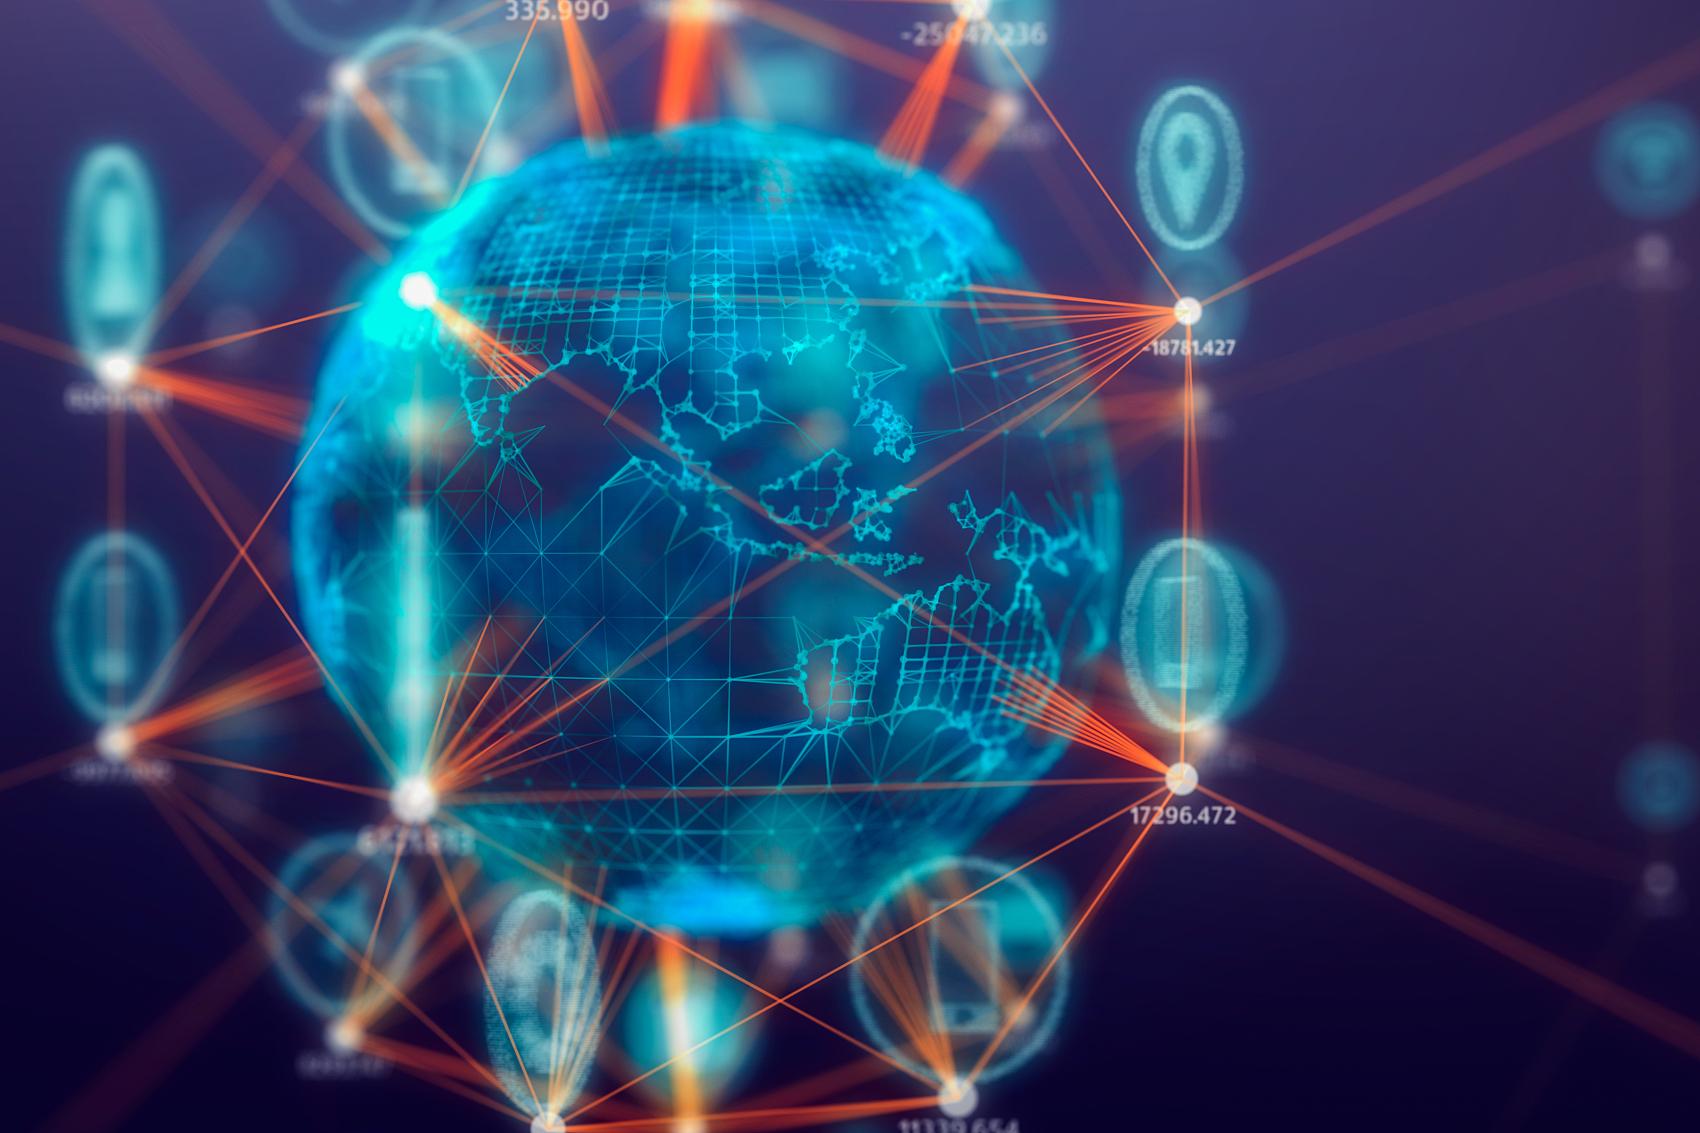 产业链区块链技术同盟暨课堂教学新品发布会